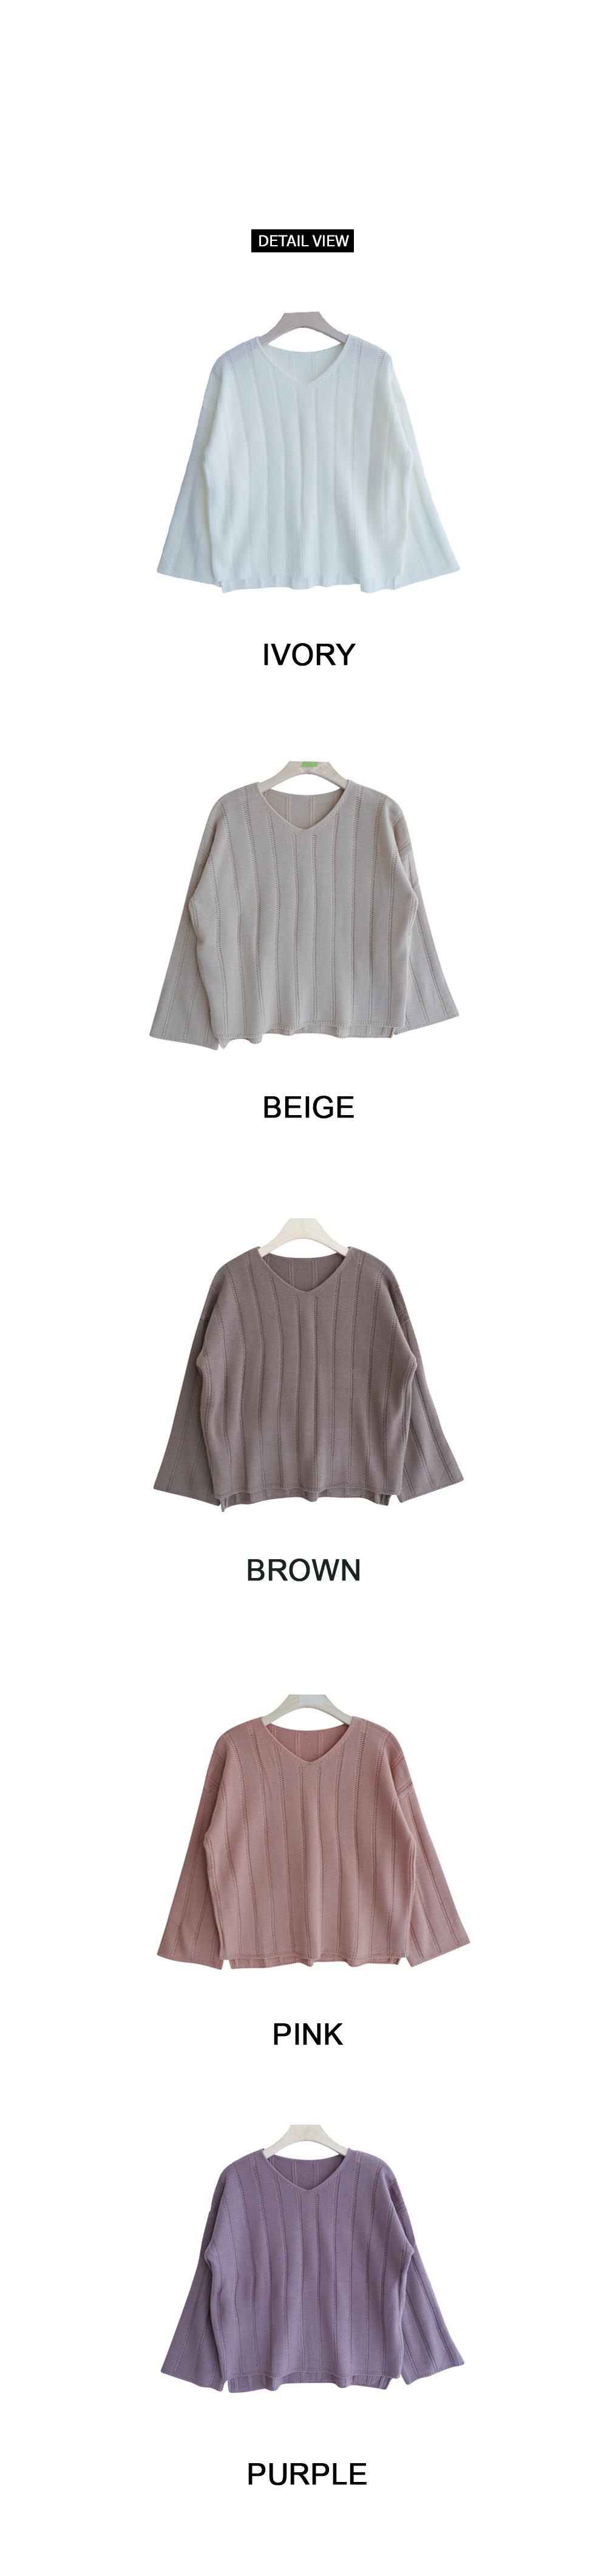 Bio Knit T-Shirt